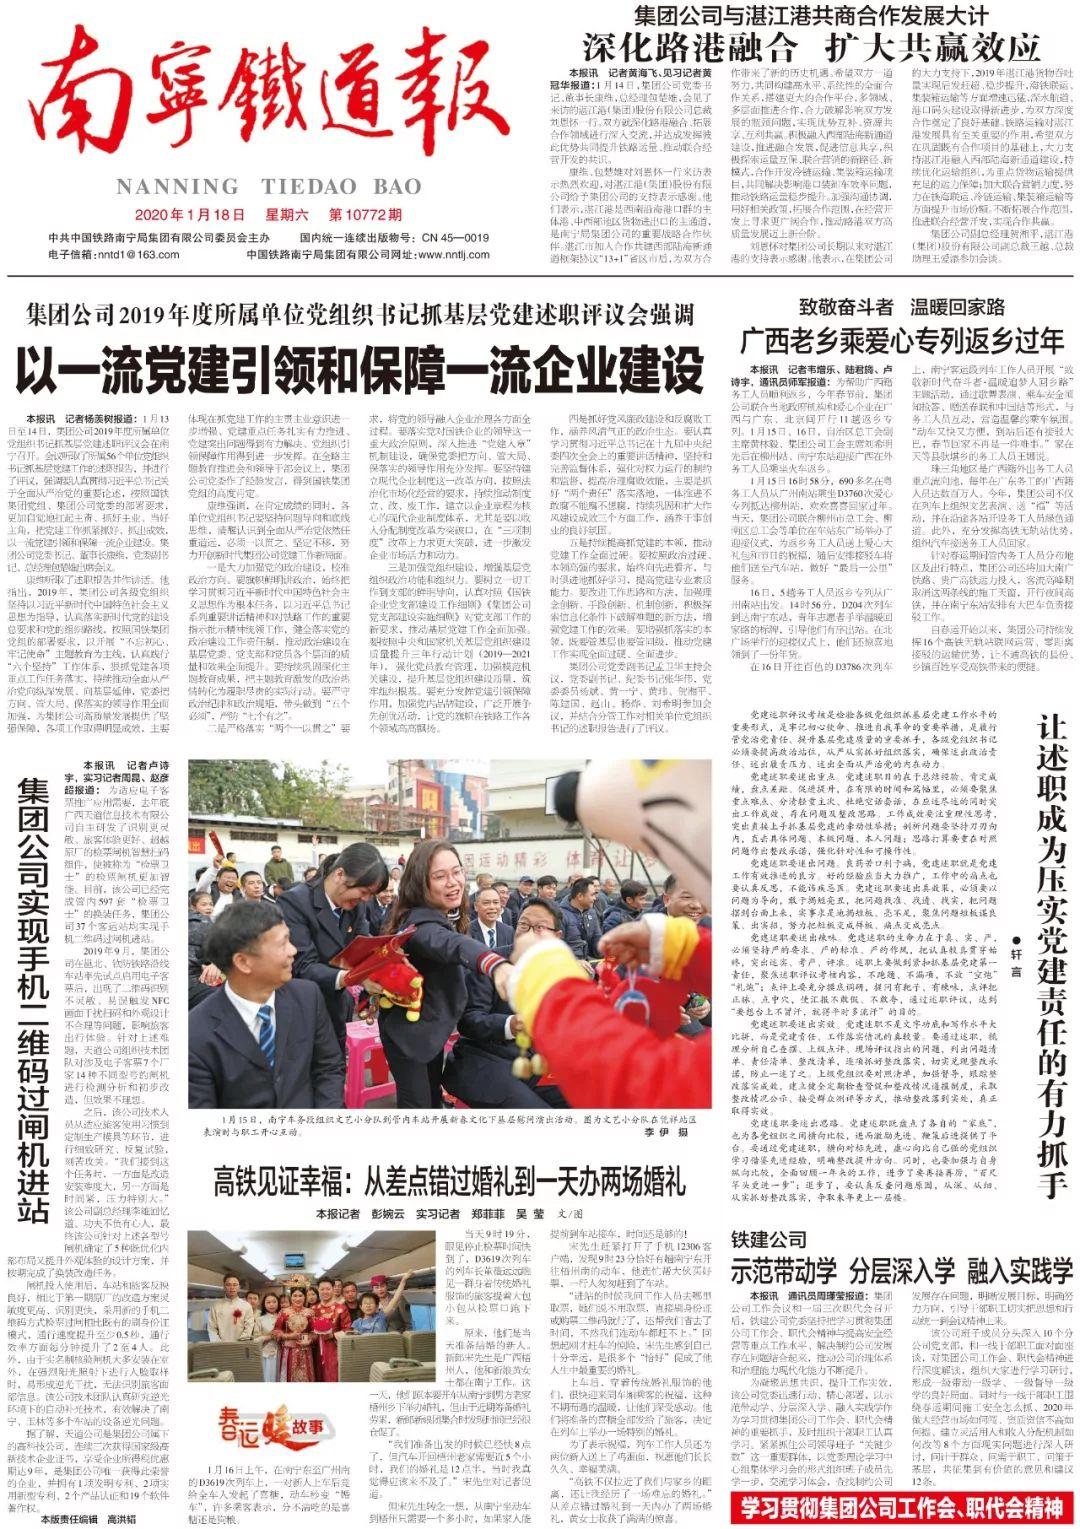 【版面阅览】《南宁铁道报》2020年1月18日(可下